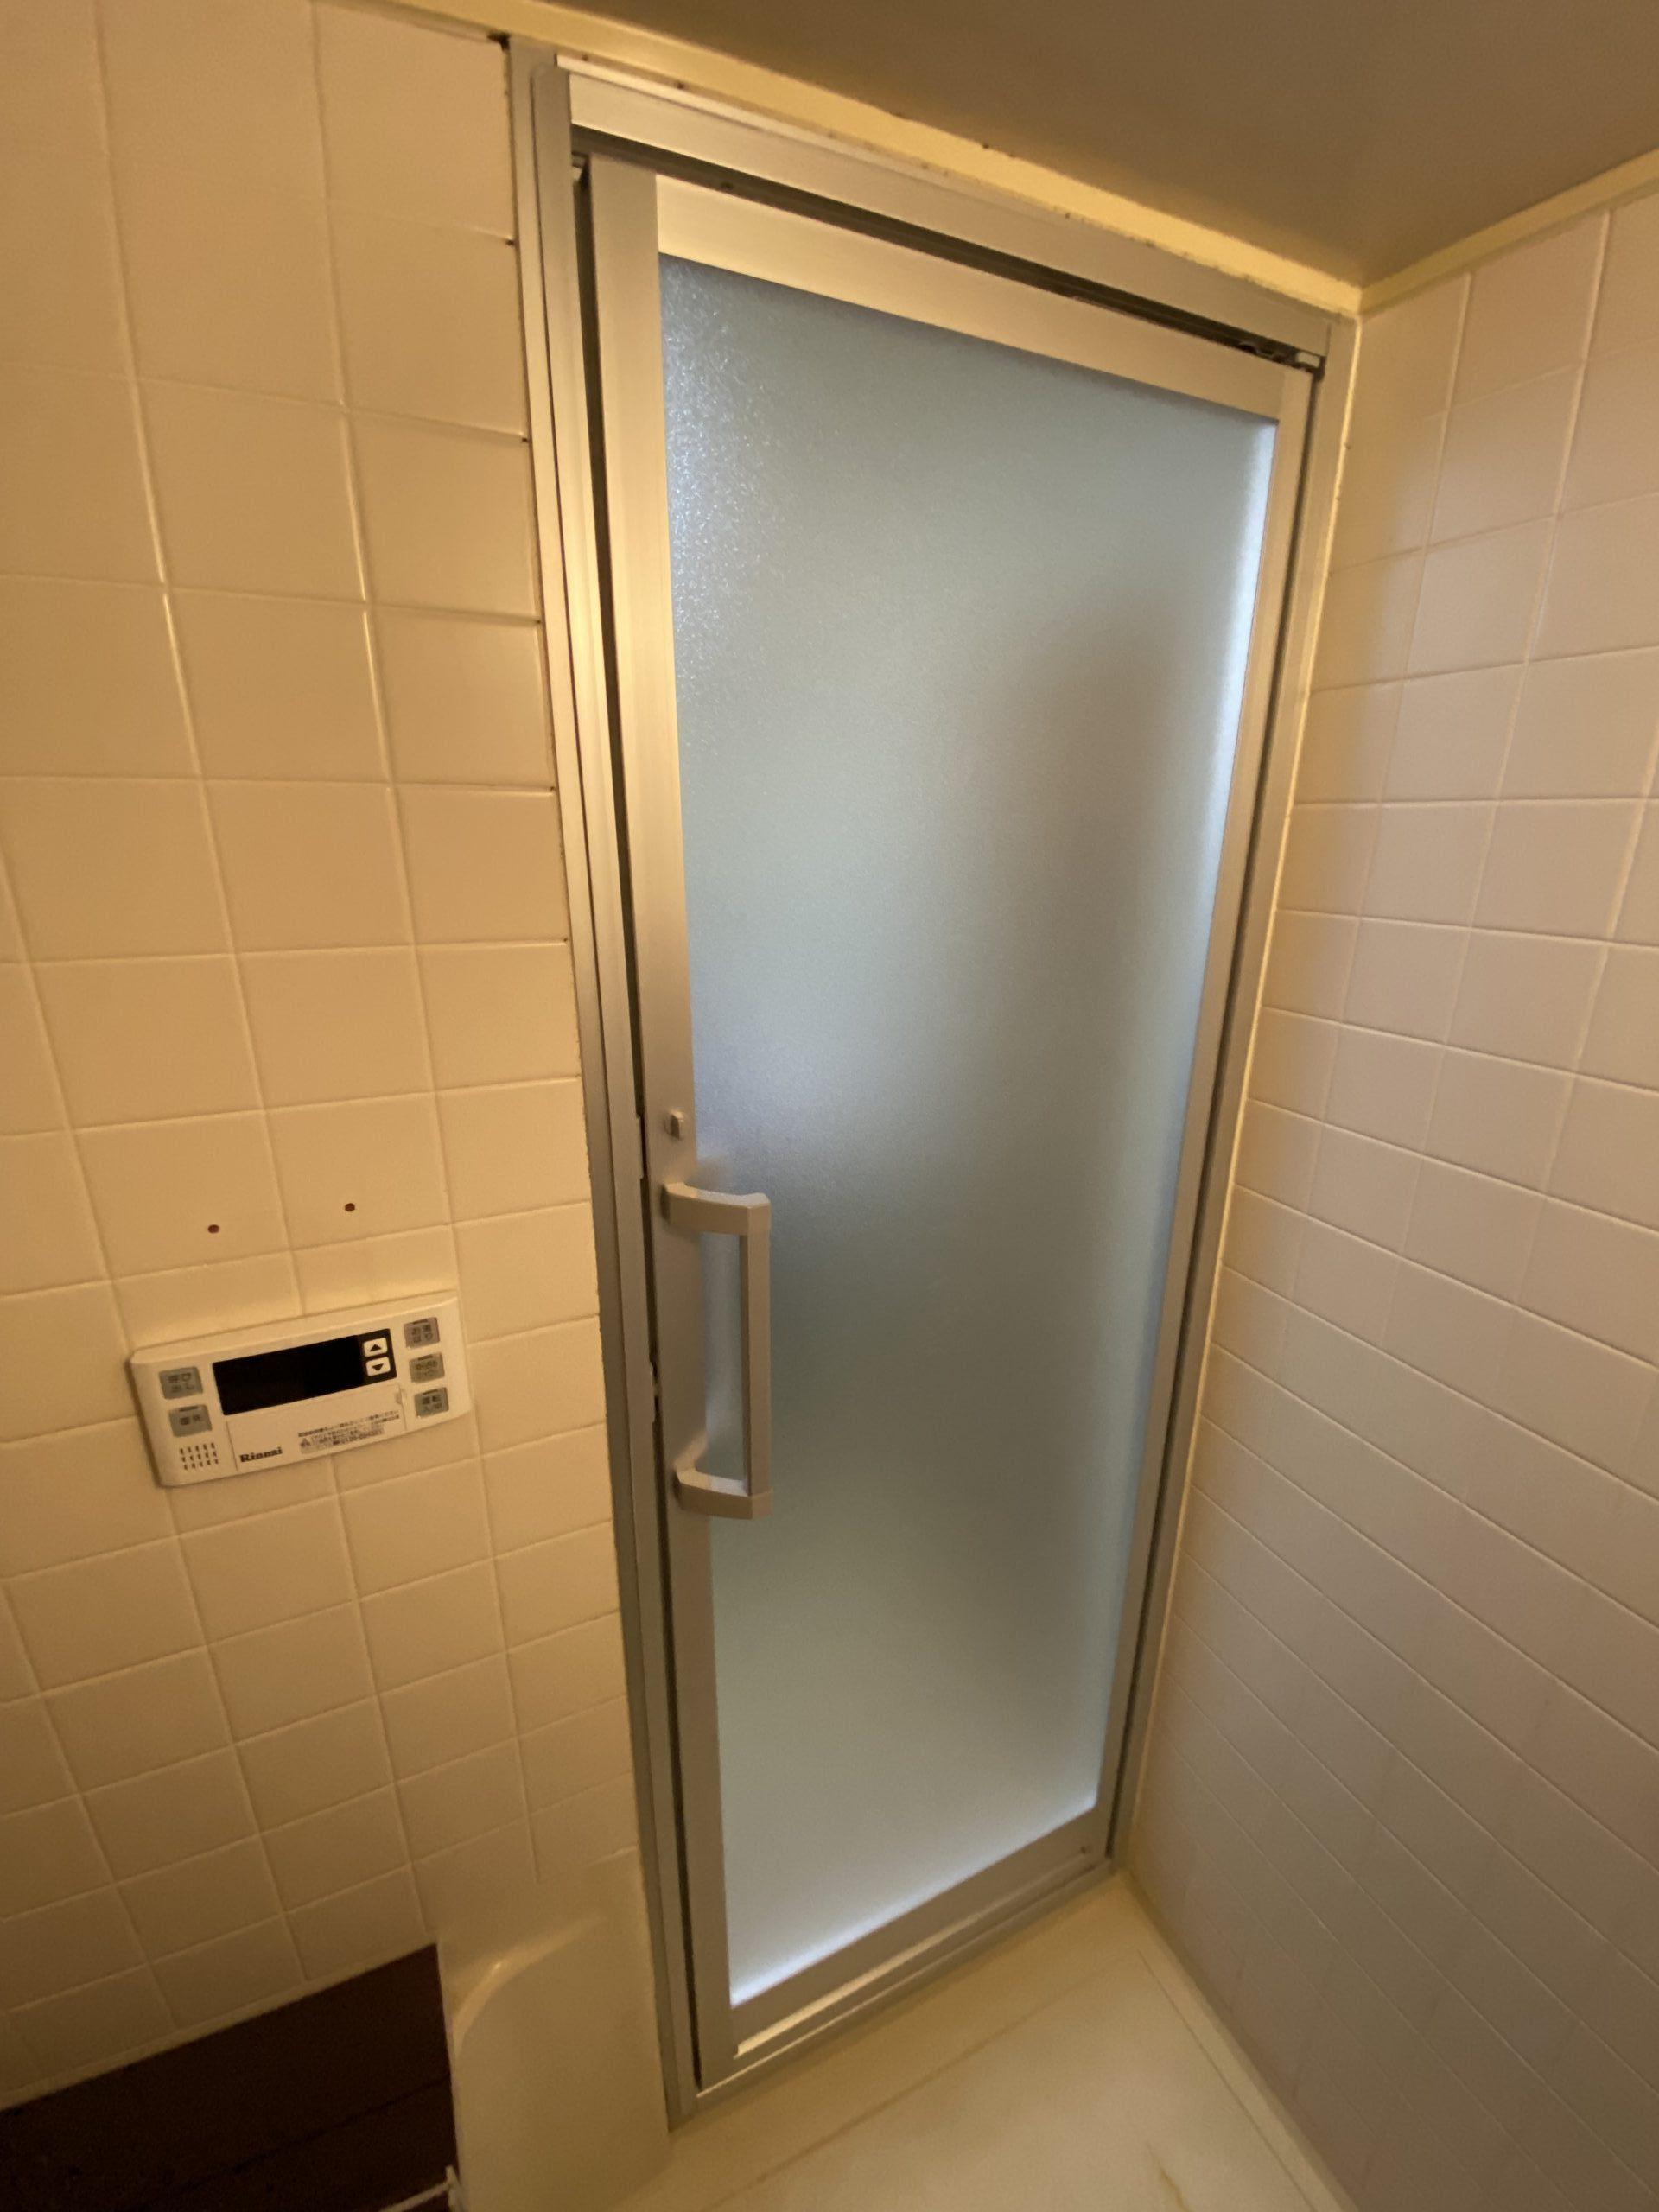 浴室ドアリフォーム #唐津市浴室ドアリフォーム